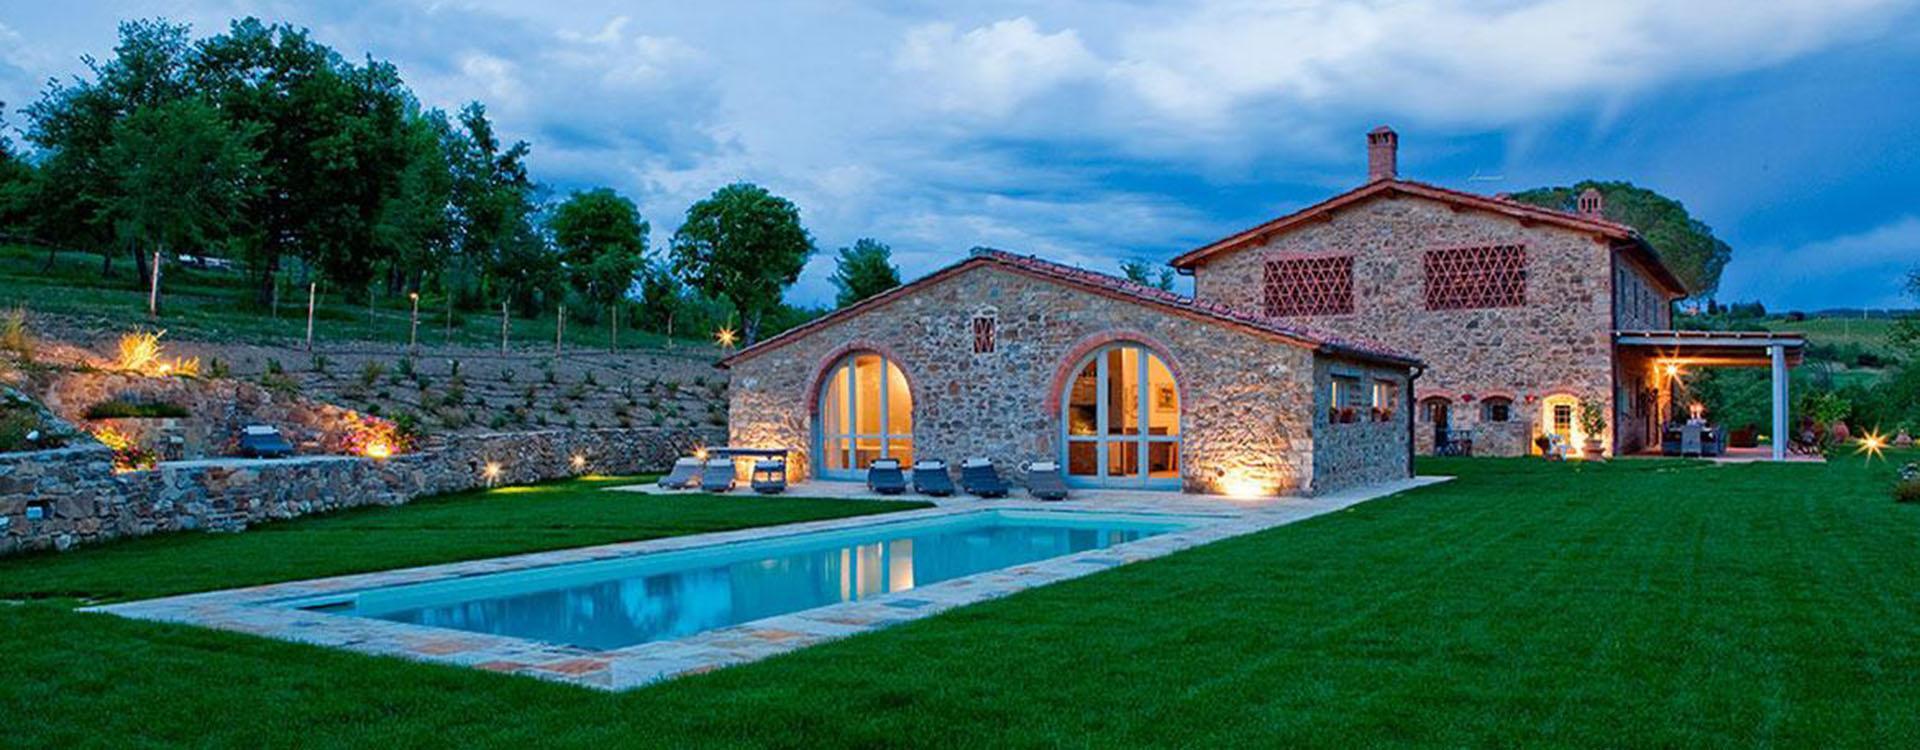 Роскошная вилла в Кьянти Классико с бассейном и парком 2000 м кв с великолепной отделкой